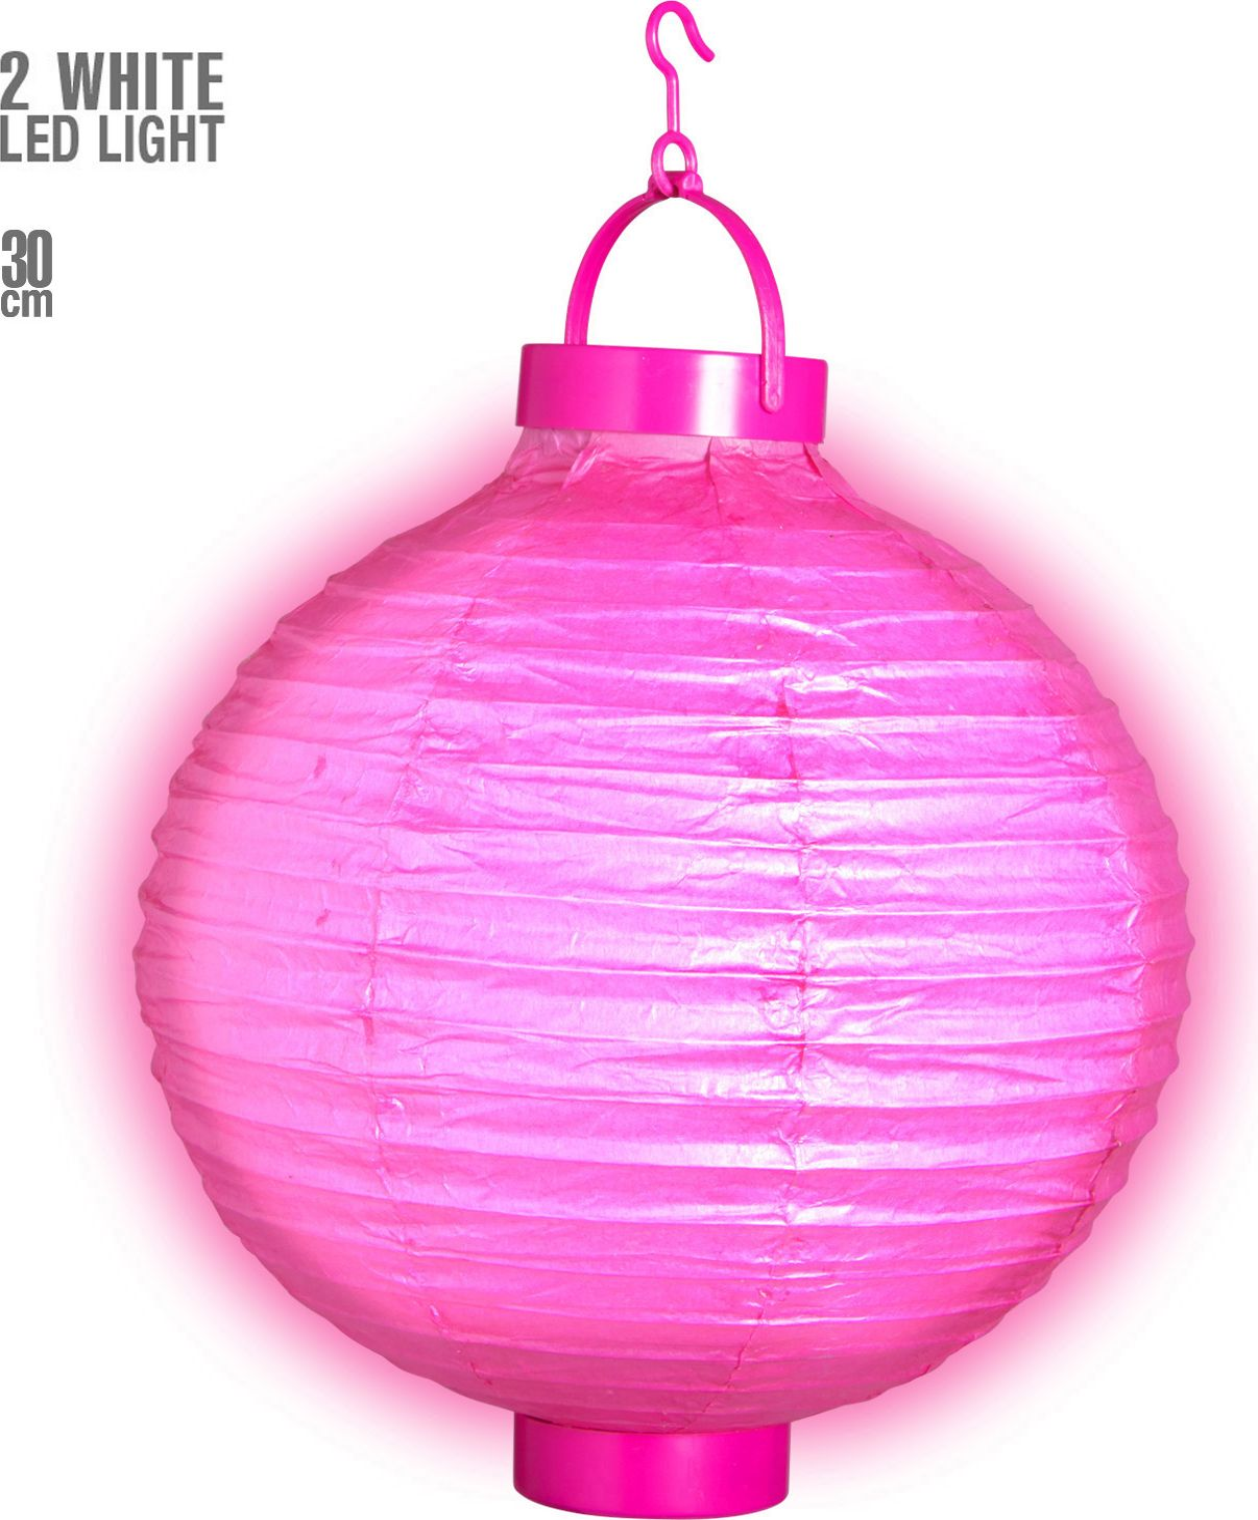 Roze lampion met 2 witte LED lichten